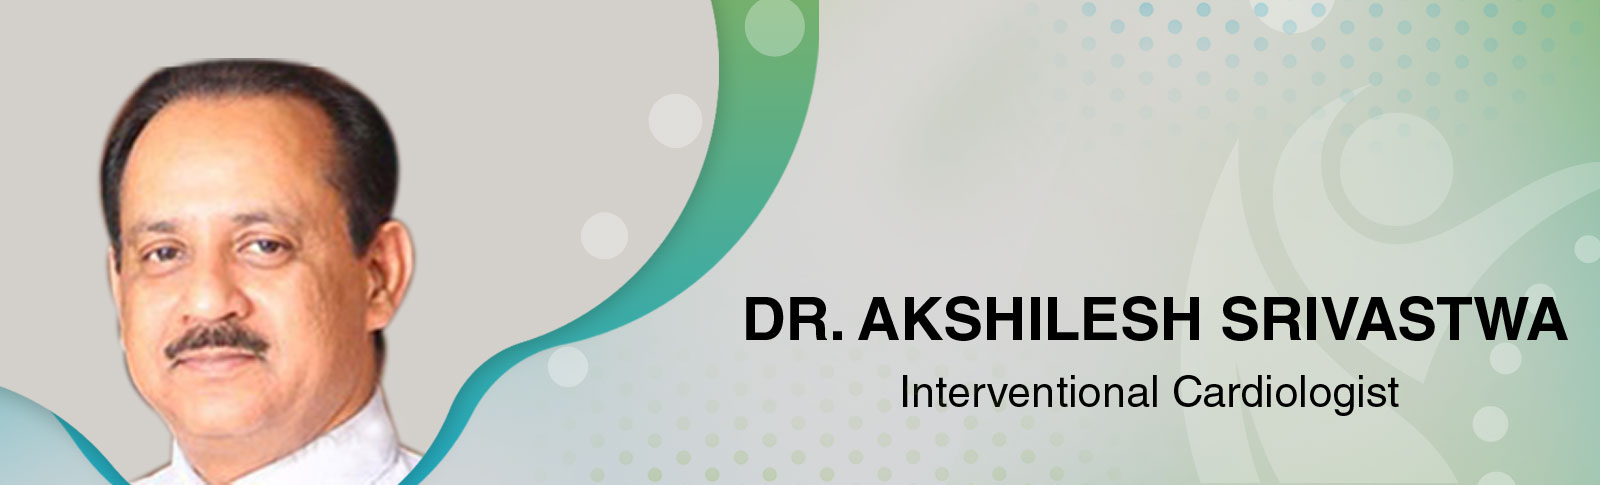 Dr. Akhilesh Srivastava